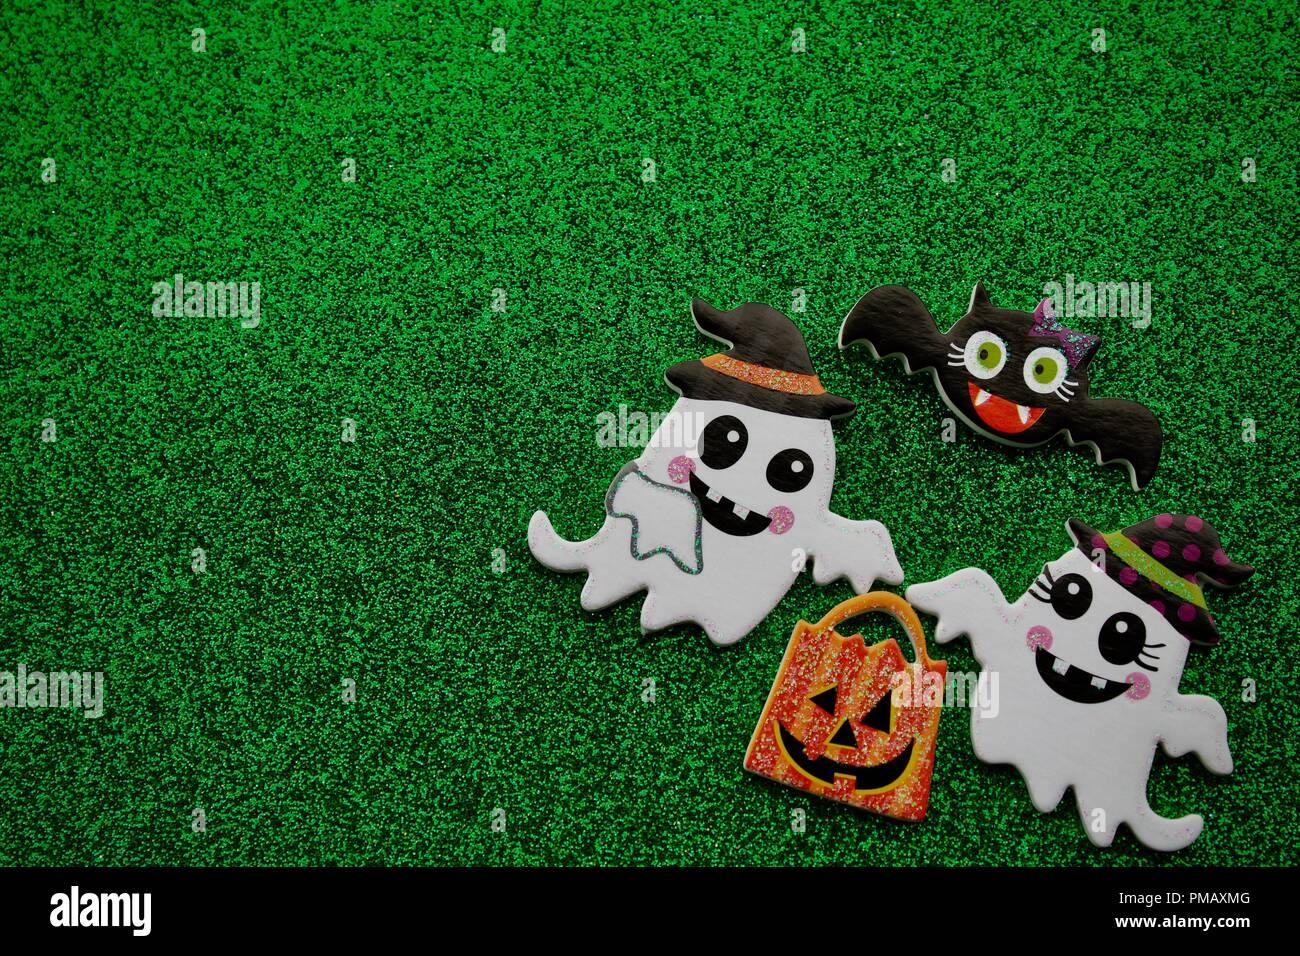 Dos fantasmas llevando una calabaza trick or treat bolsa con un negro bat volando sobre un fondo verde Imagen De Stock